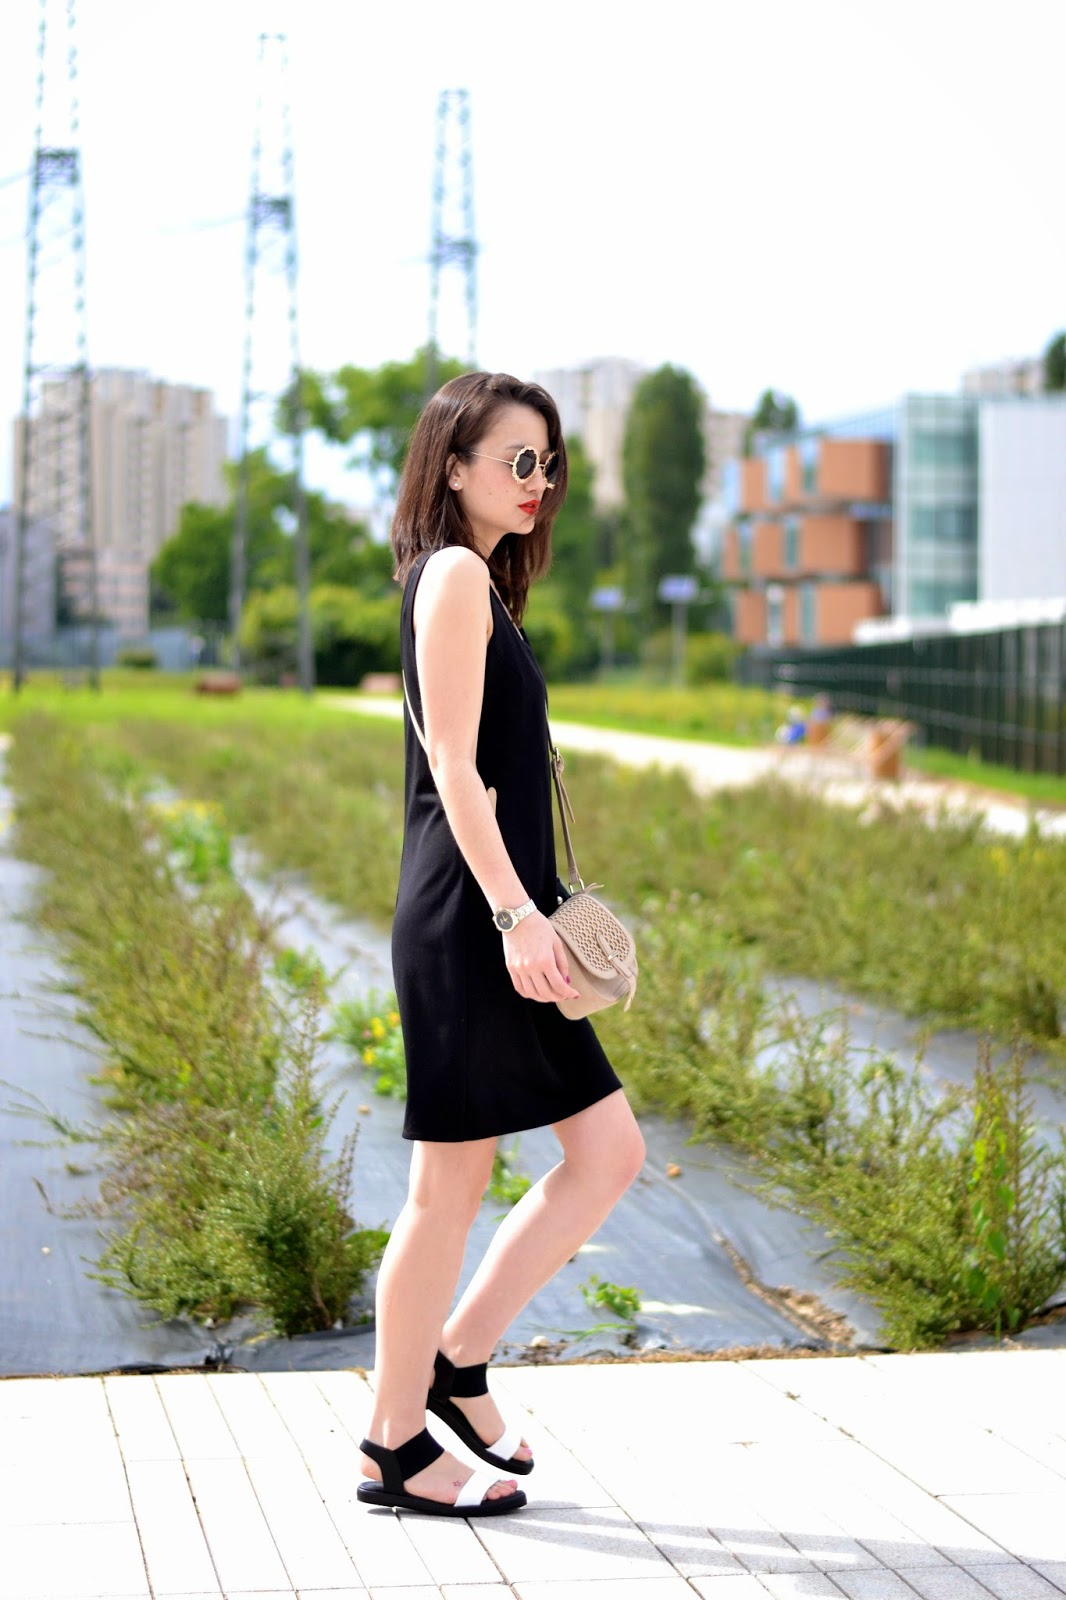 如何穿黑色连衣裙